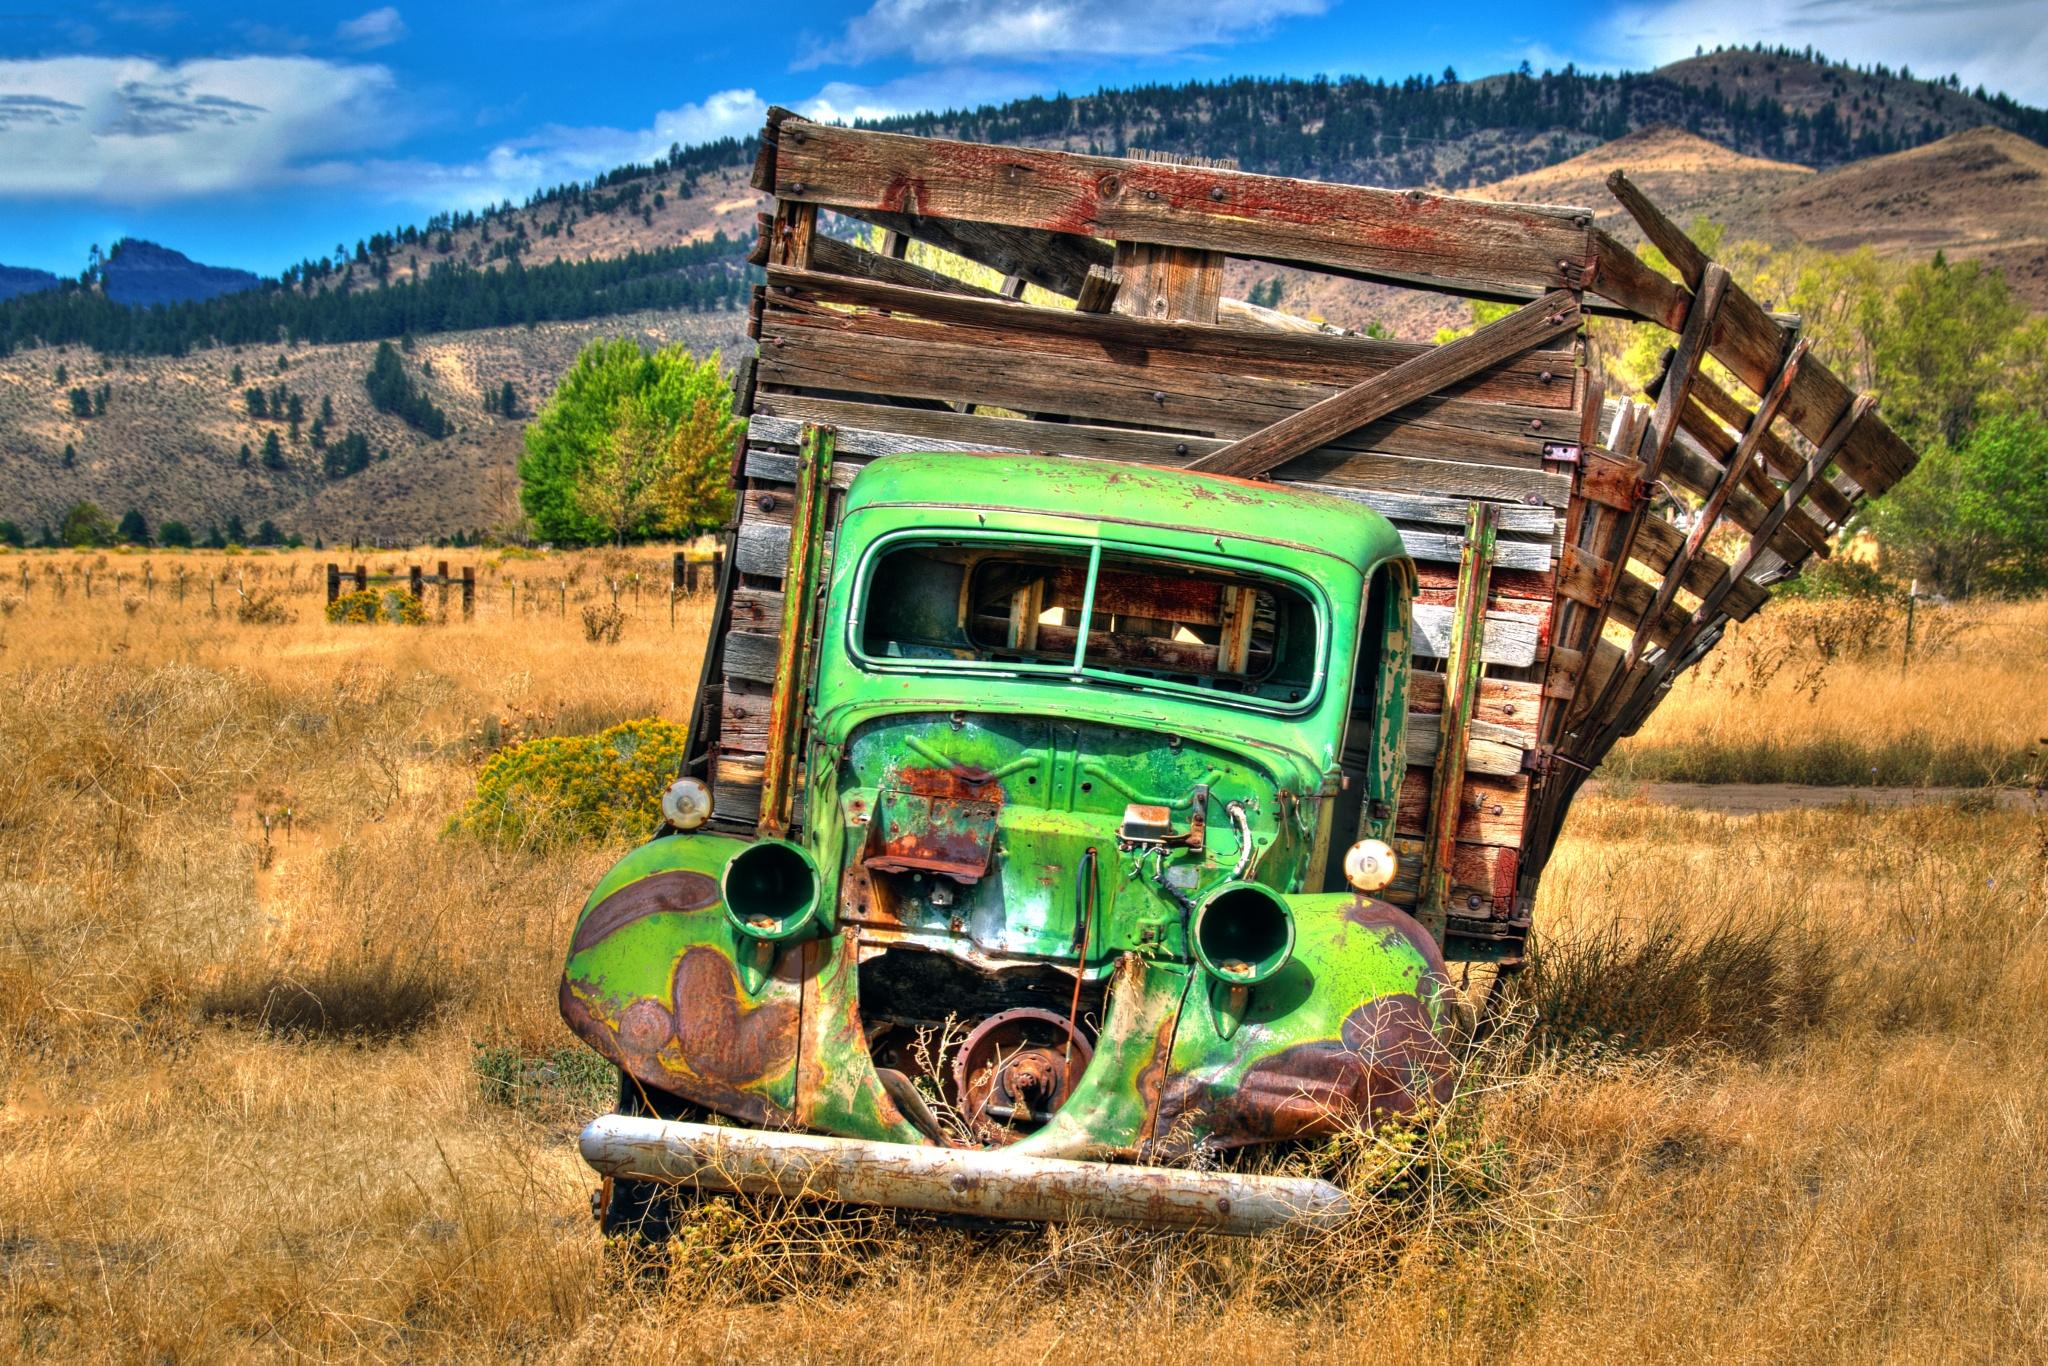 Green Reno Truck by Bill Havle